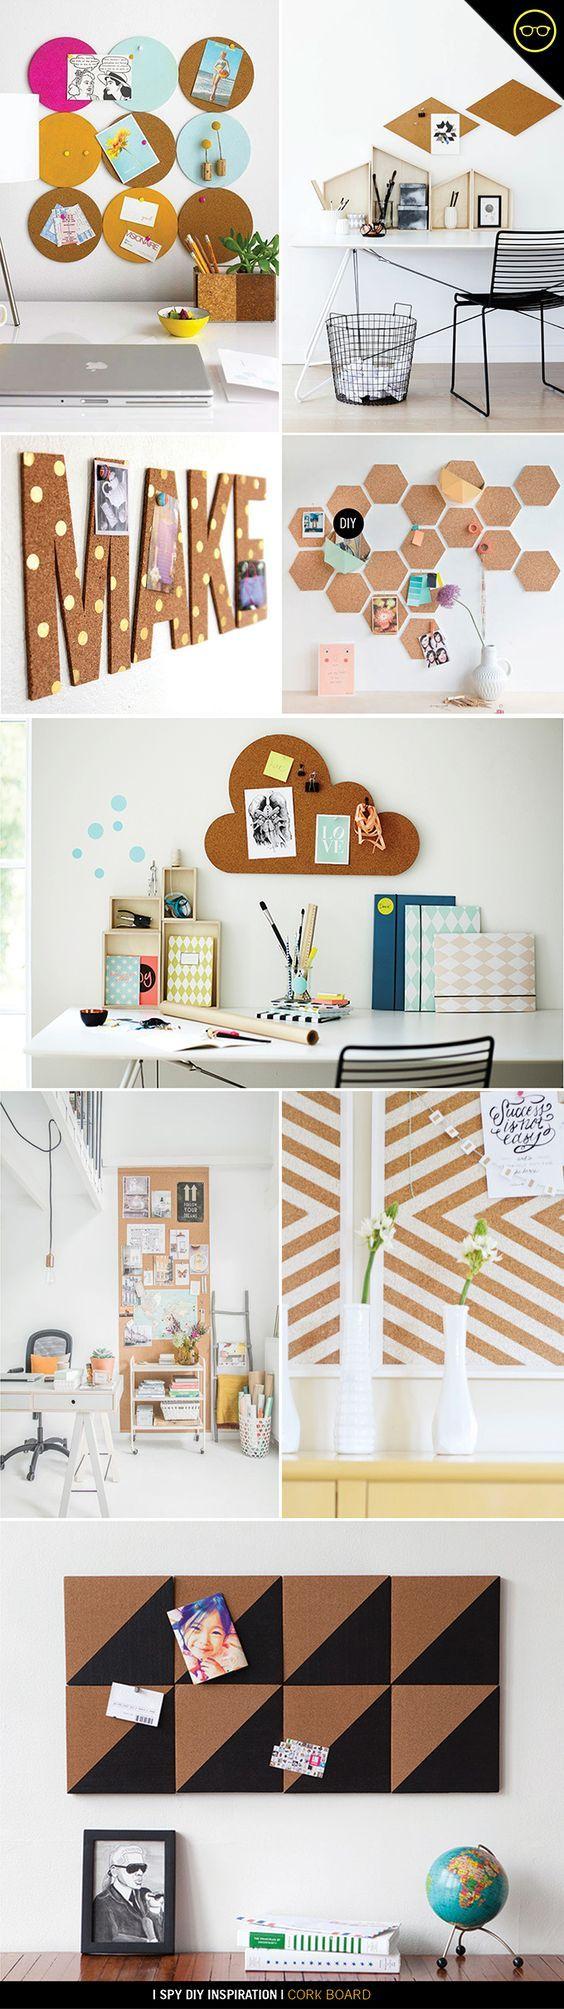 Crea tu propia pizarra de corcho con estas ideas de DIY. ¡Son lo más!